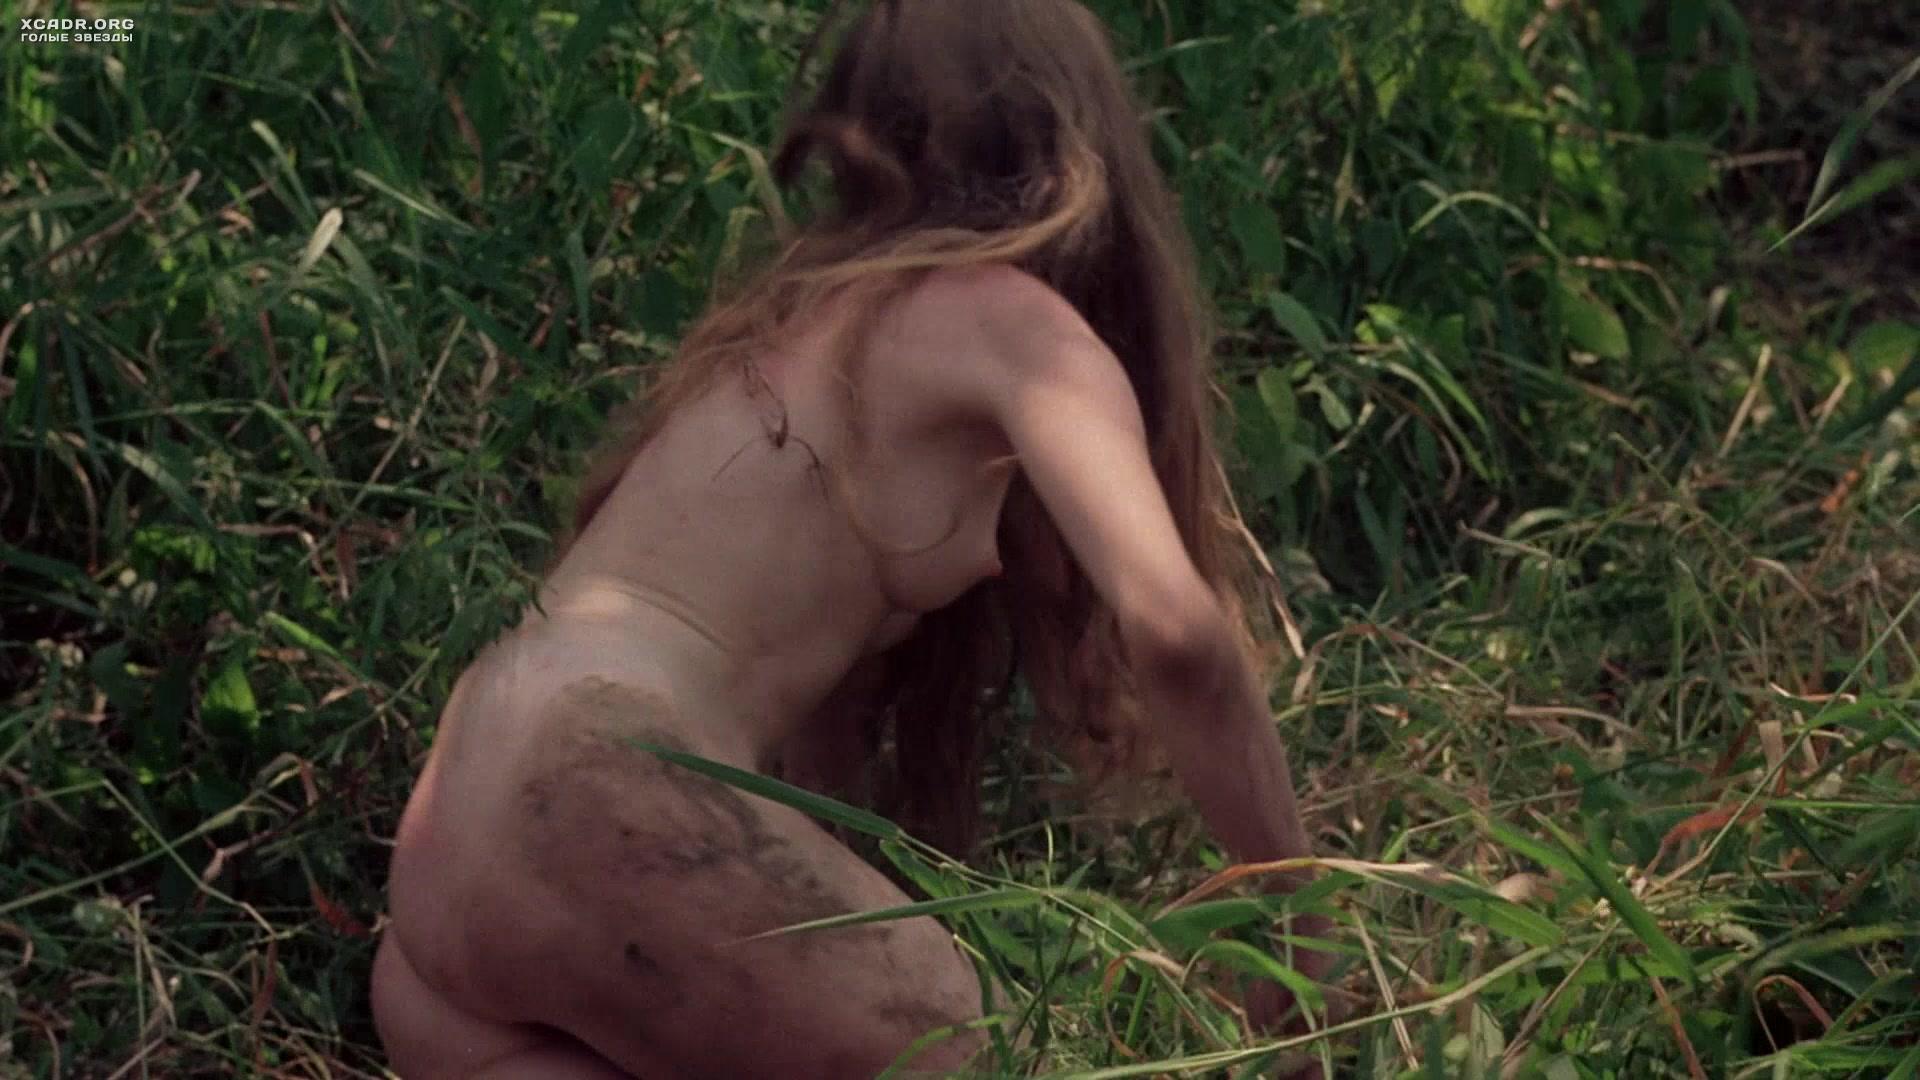 dovesti-eroticheskiy-film-na-v-lesu-prostitutku-kazani